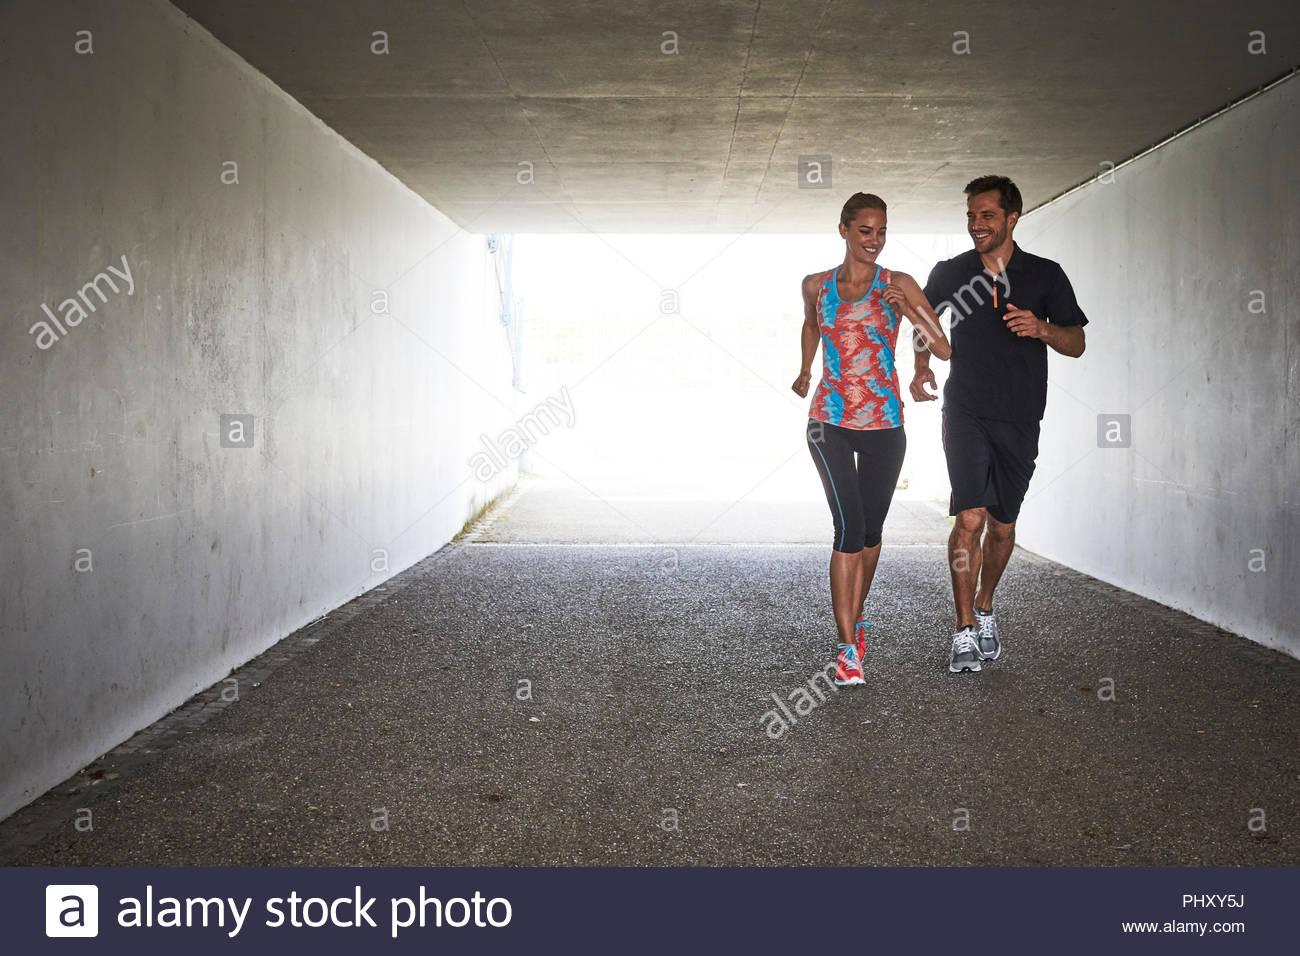 Coppia giovane jogging nel tunnel Immagini Stock